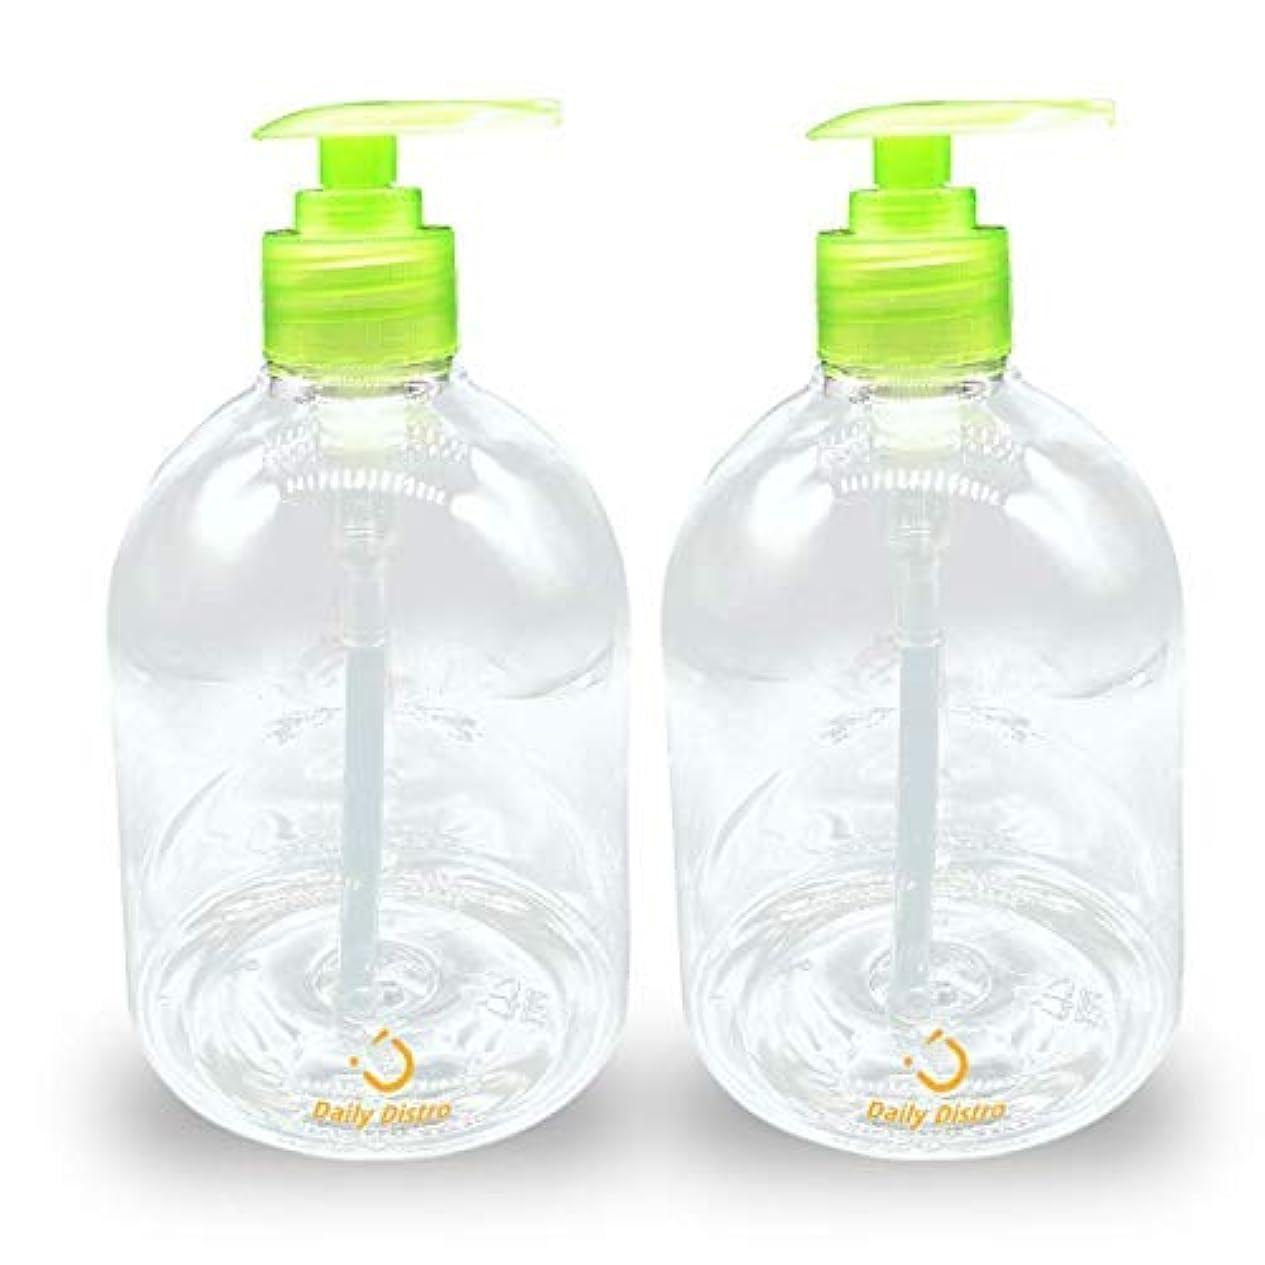 かすかなパスポート登場Pack of 2 Clear PET Empty Bottle with Green Pump 16-Ounce, great for Essential Oils, Lotions, Liquid Soaps [並行輸入品]